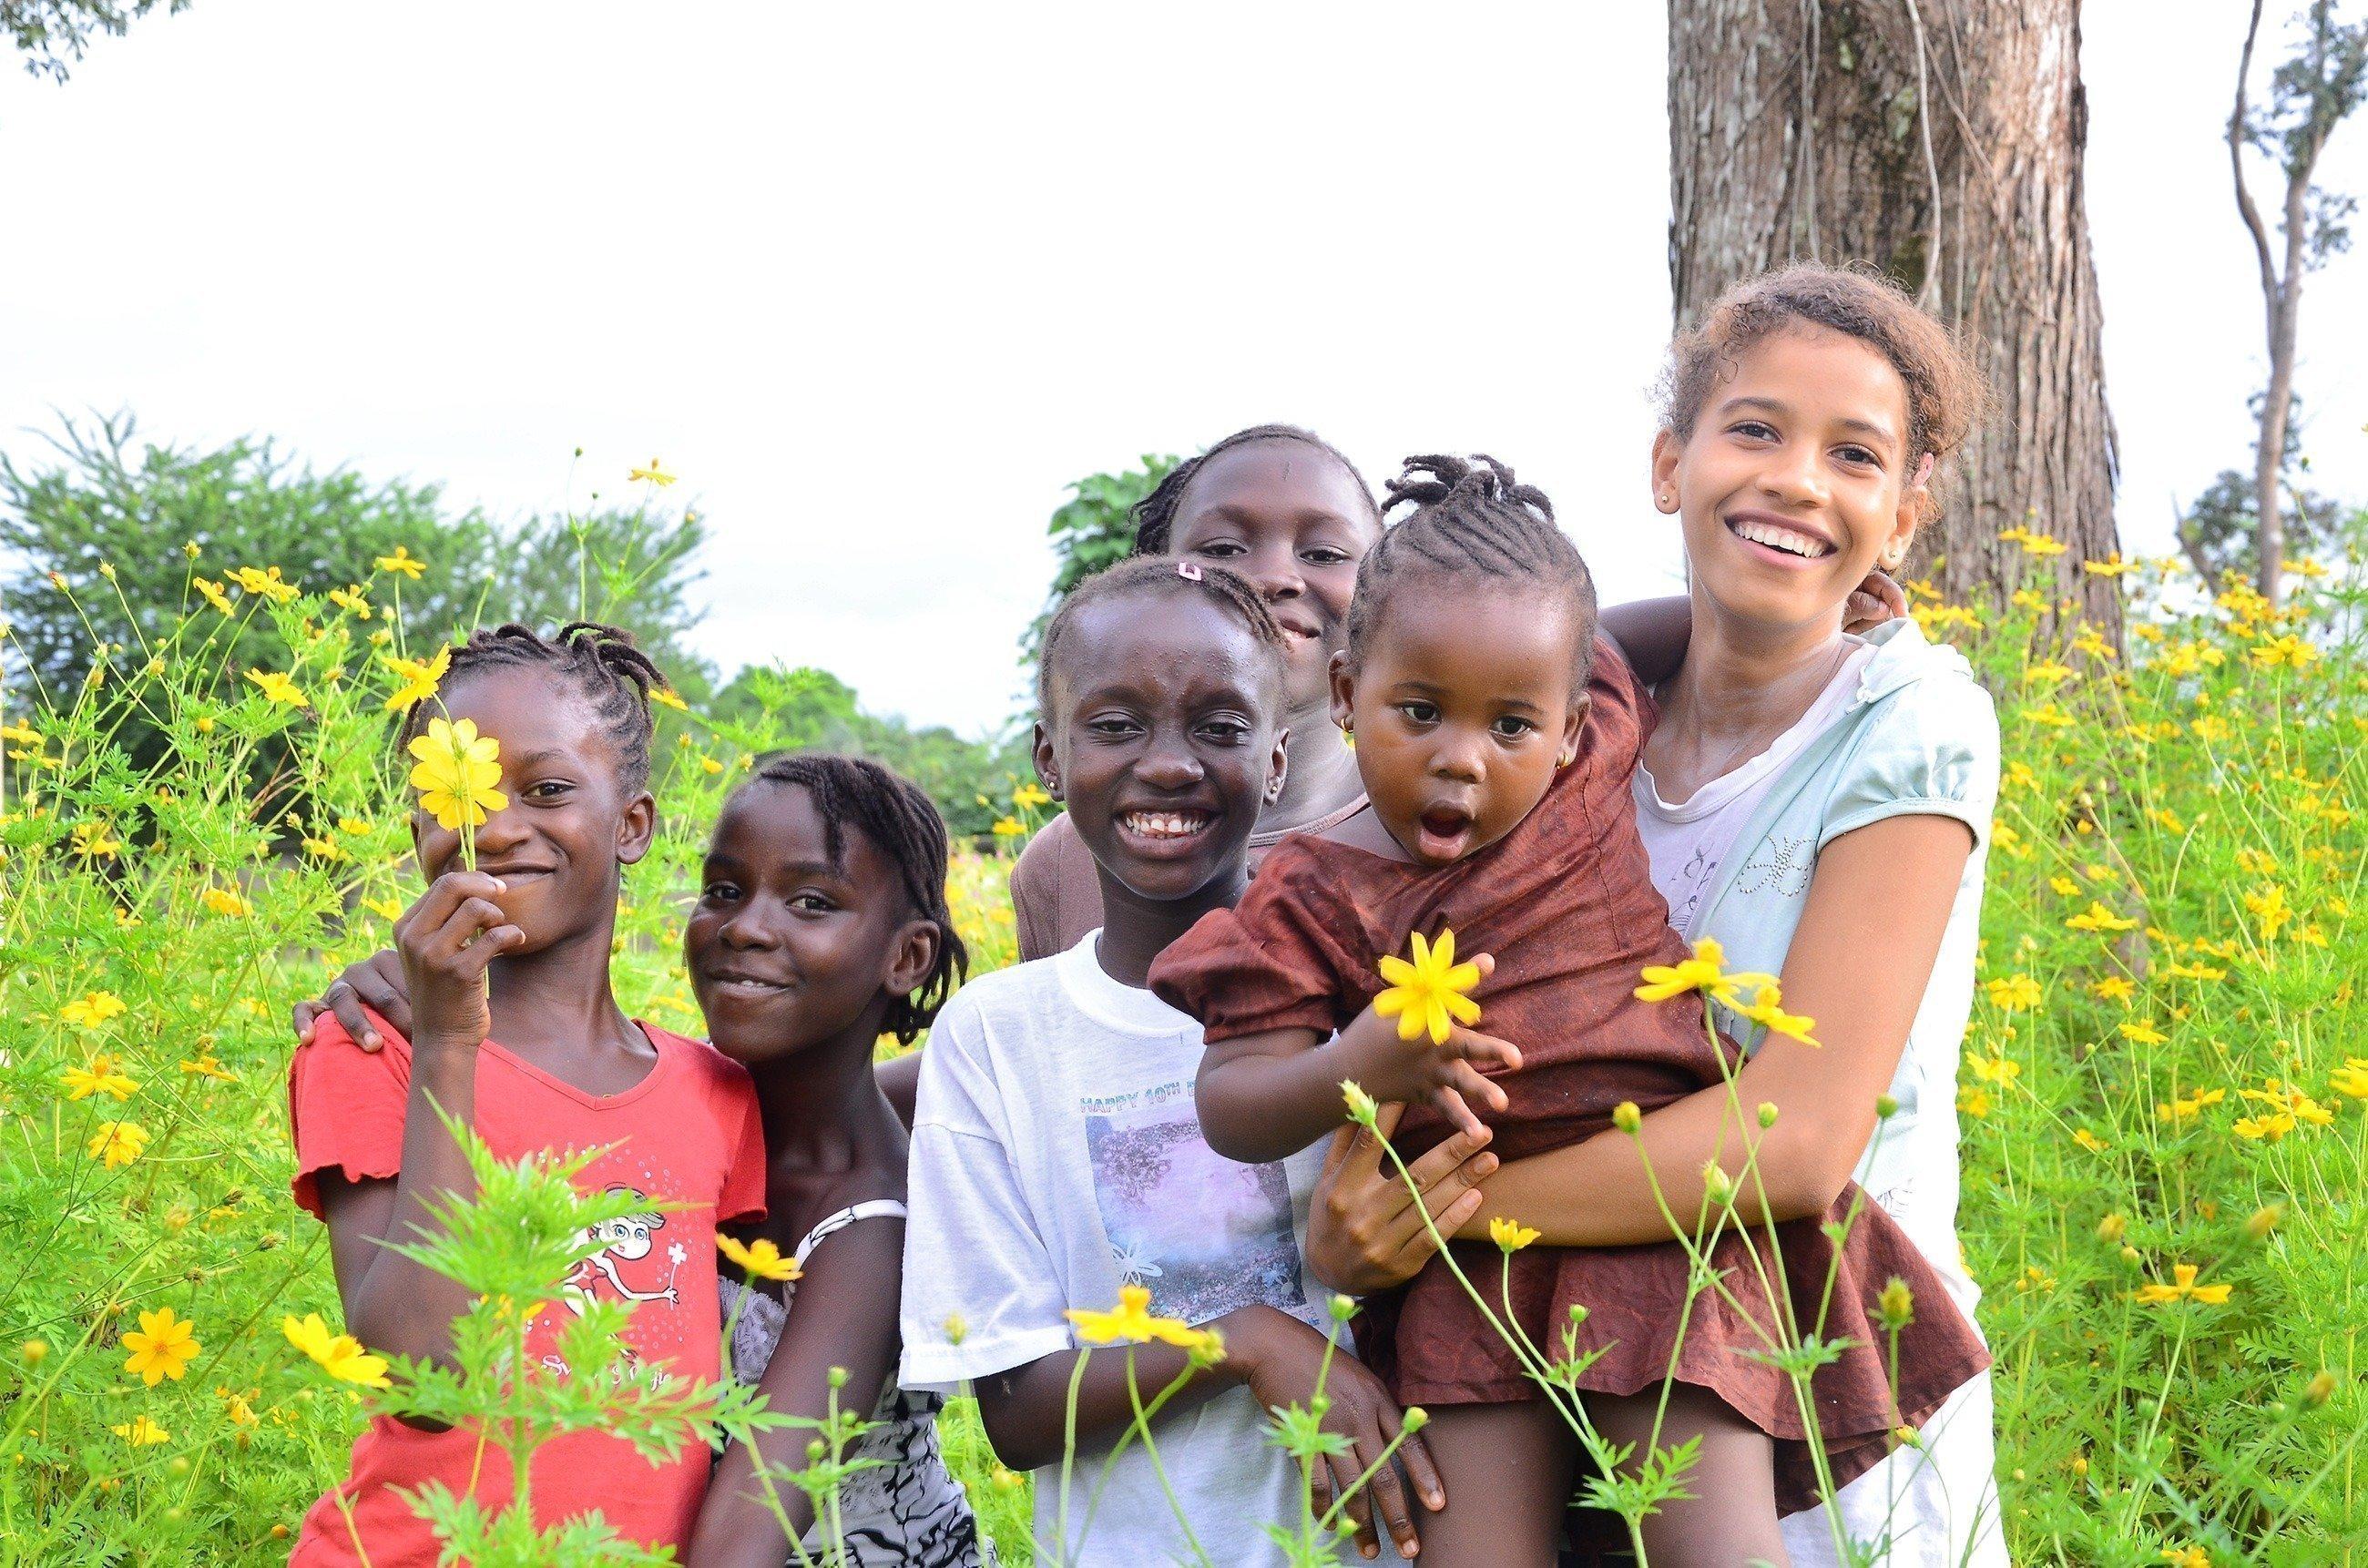 Mehrere Kinder stehen lachend auf einer Wiese.